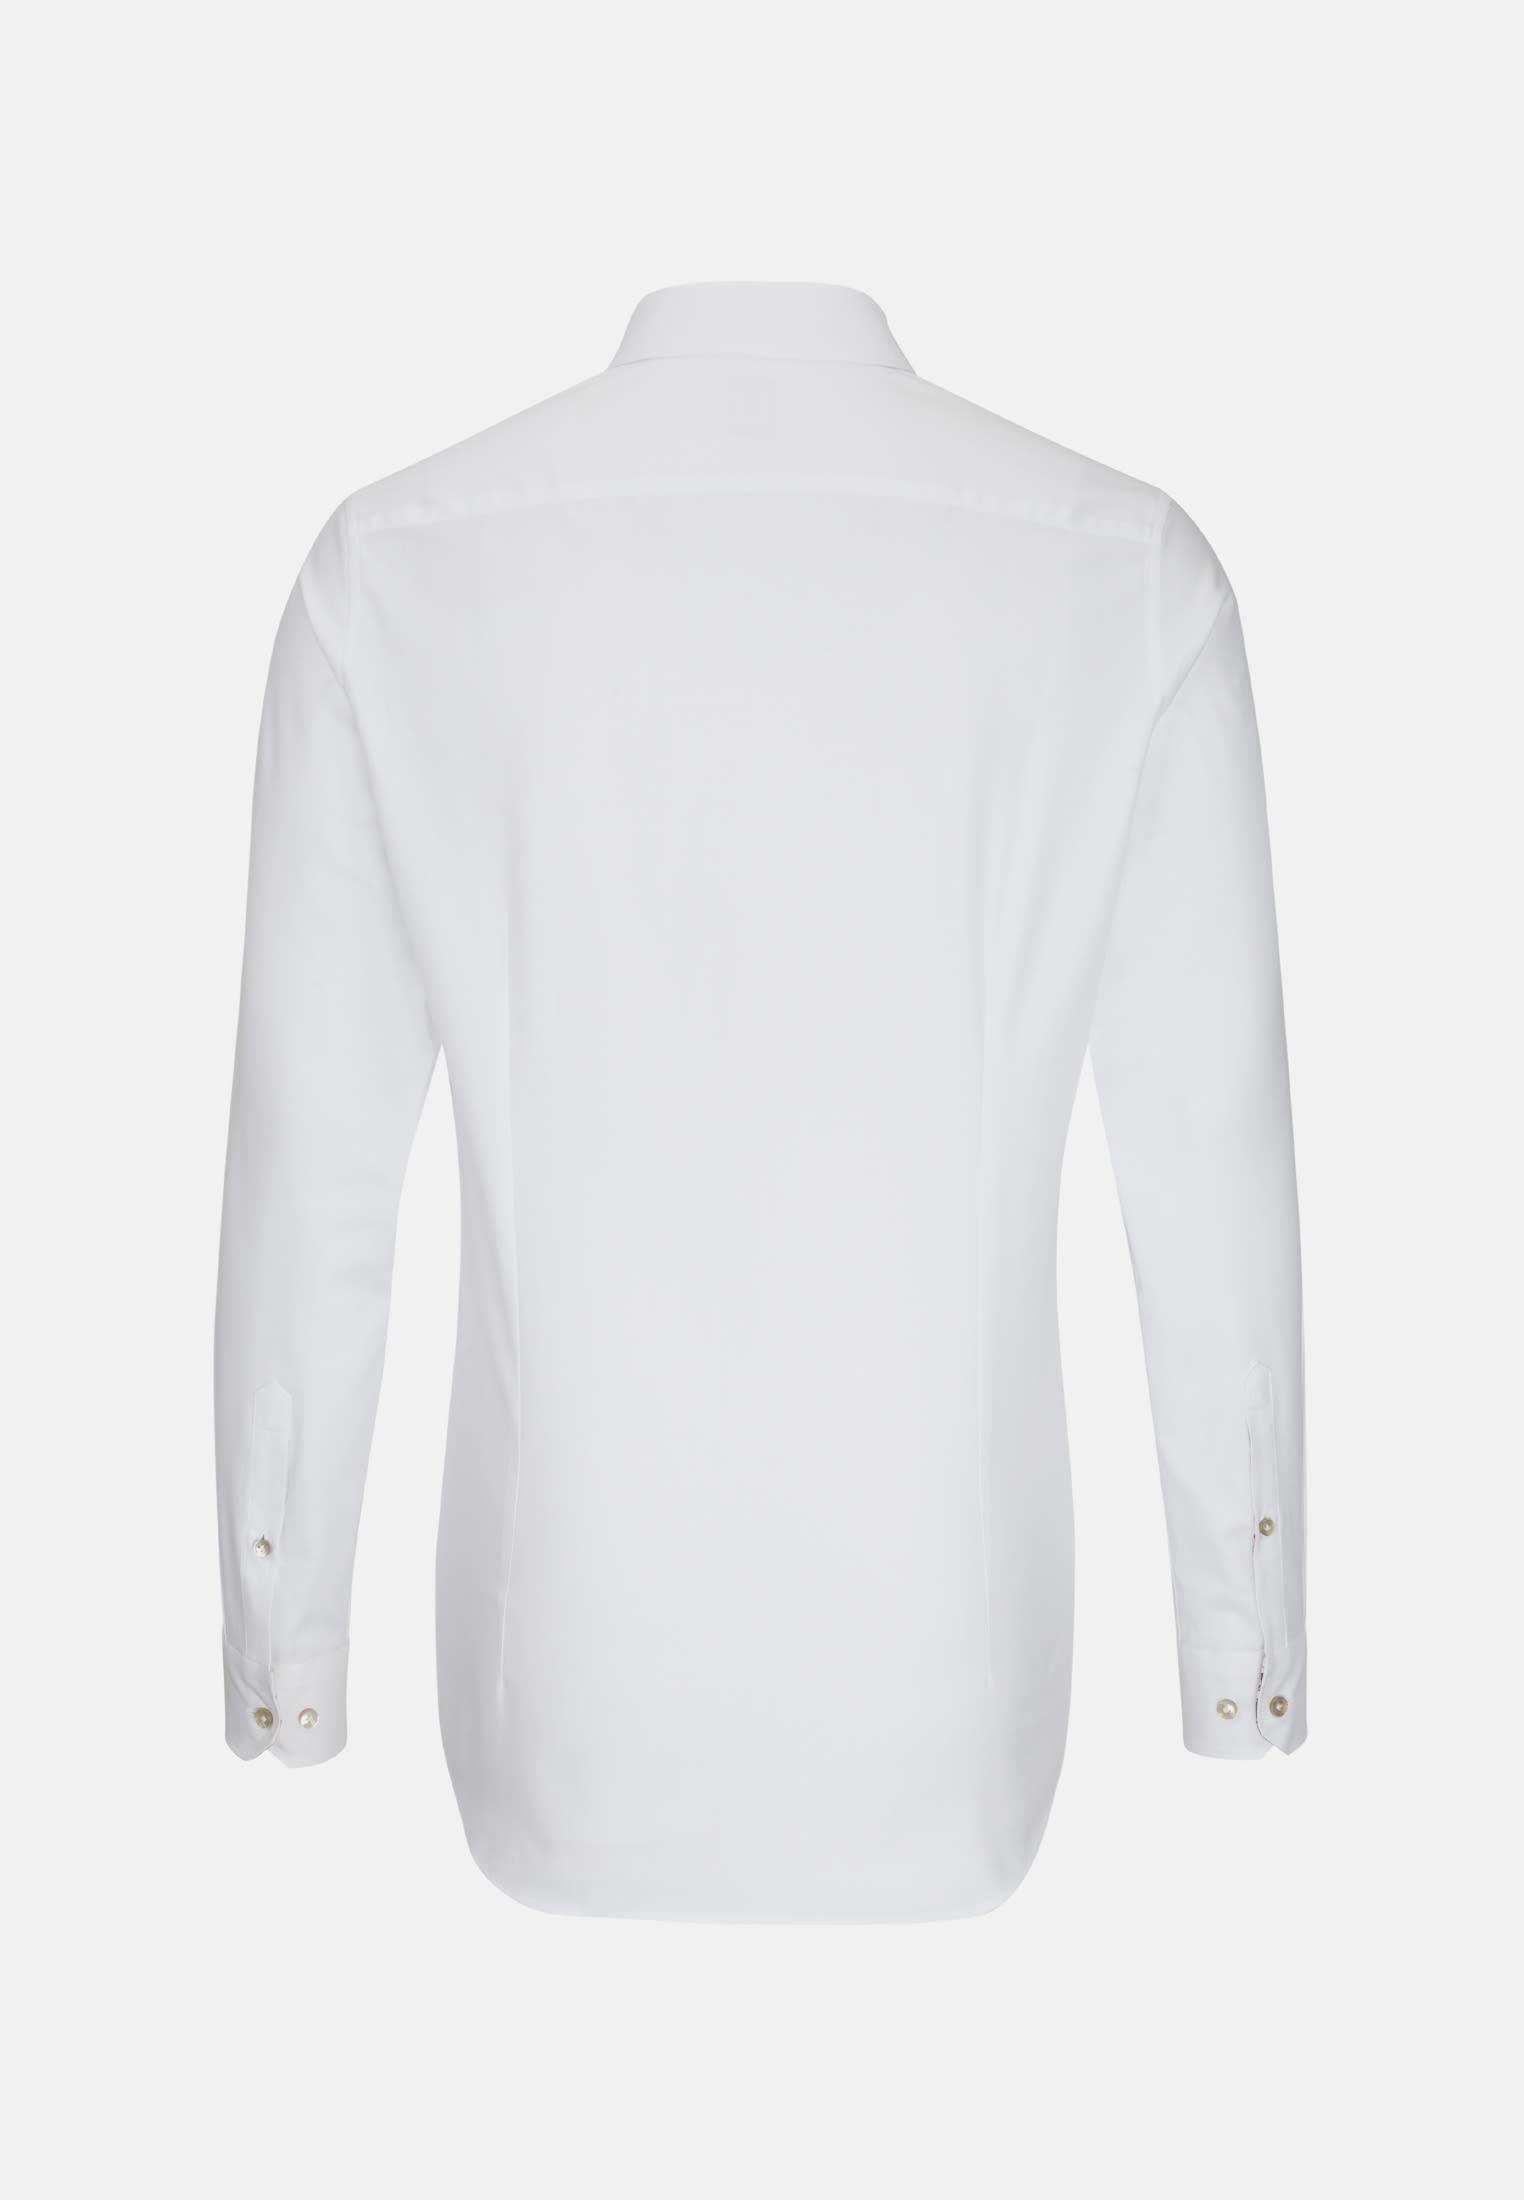 Oxford Business Hemd in Custom Fit mit Kentkragen und extra langem Arm in Weiß    Jacques Britt Onlineshop